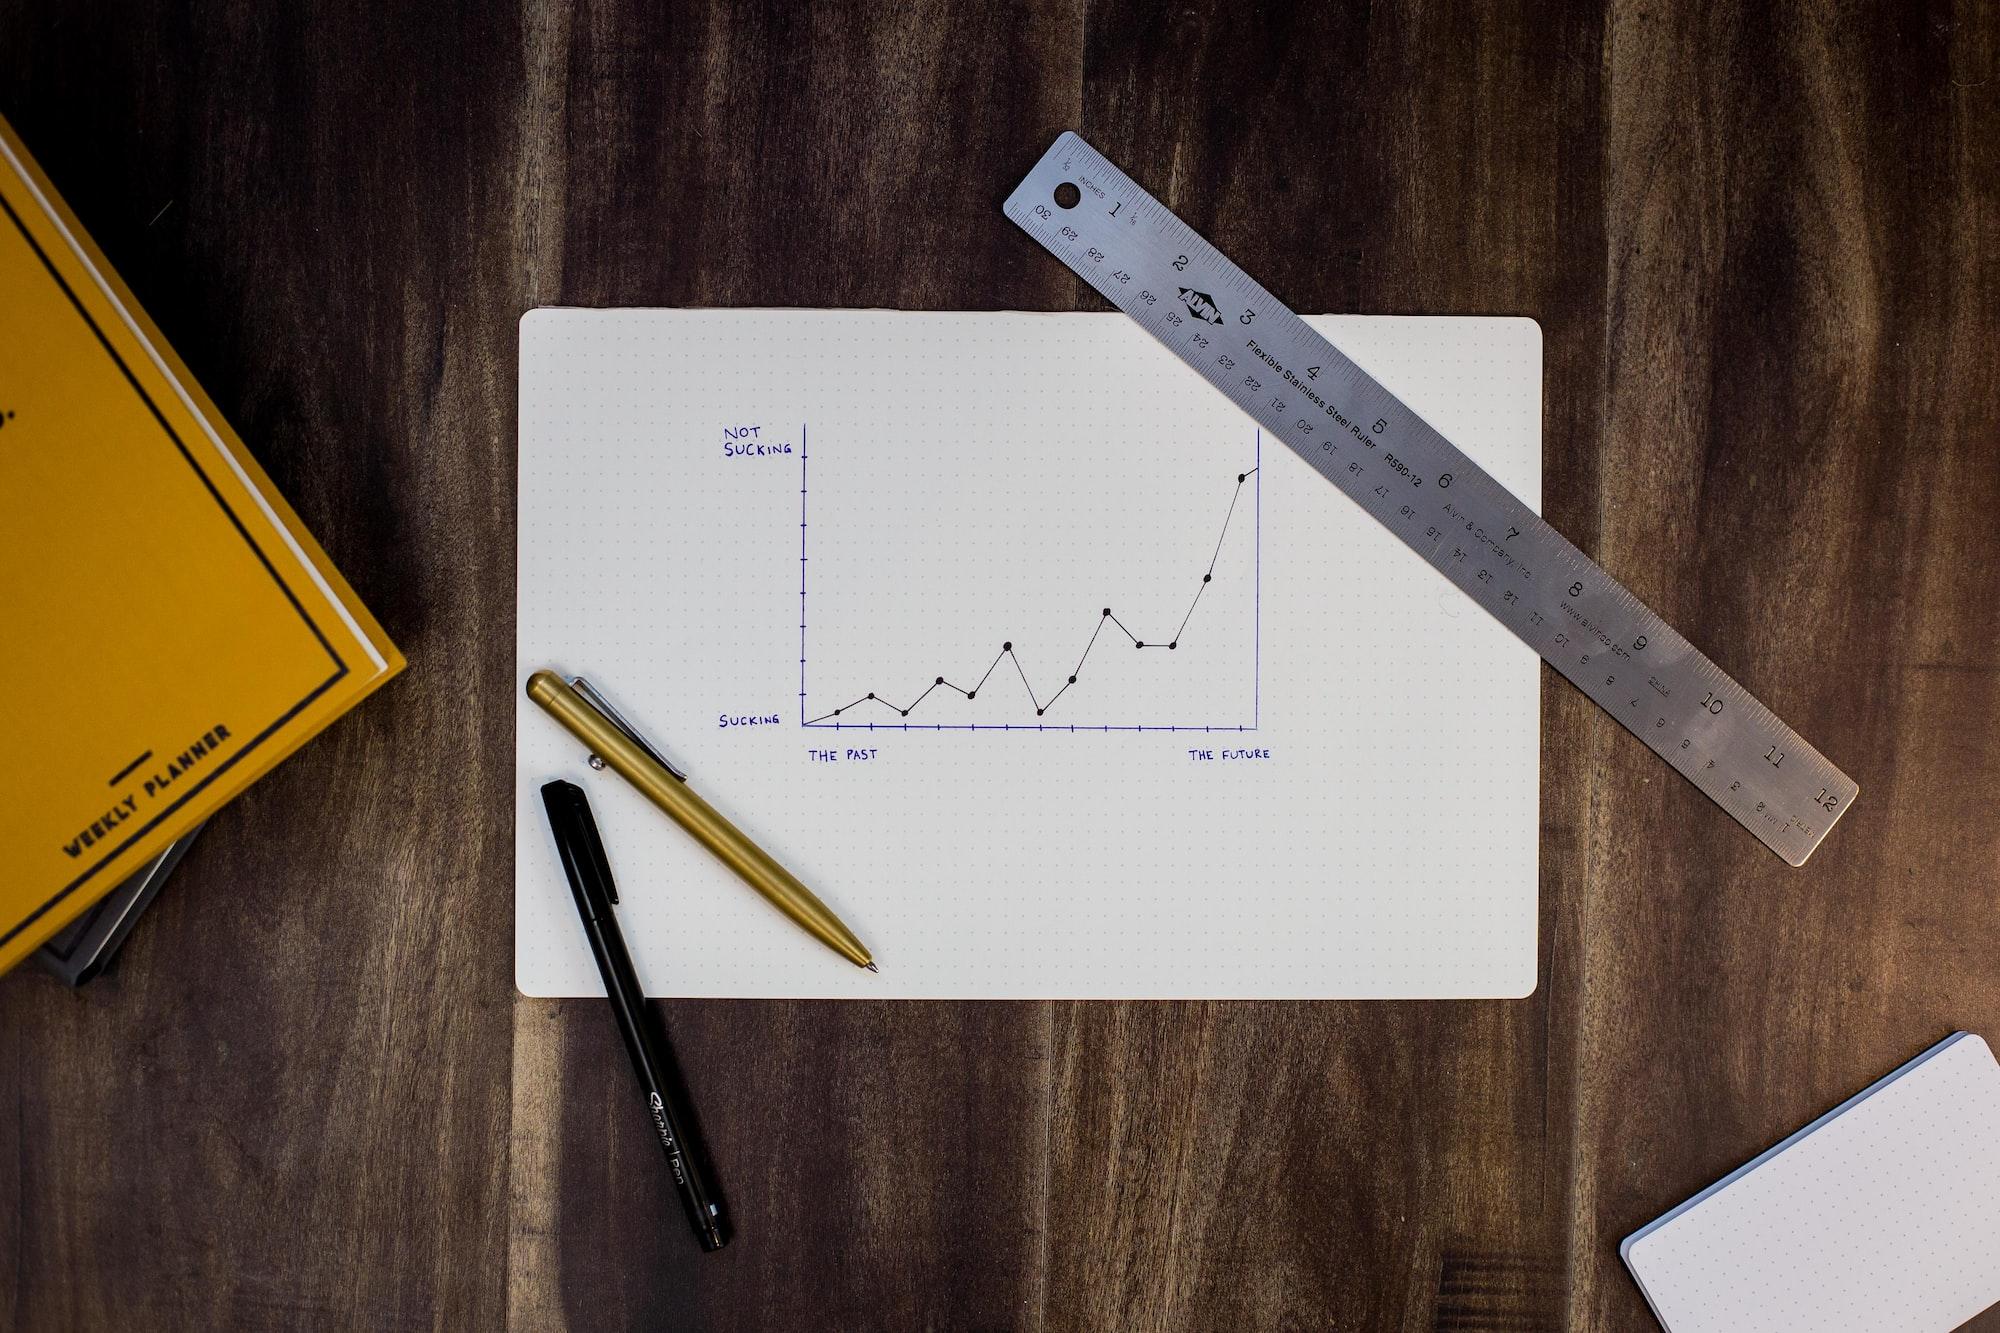 Воронка продаж в CRM: как создать и использовать